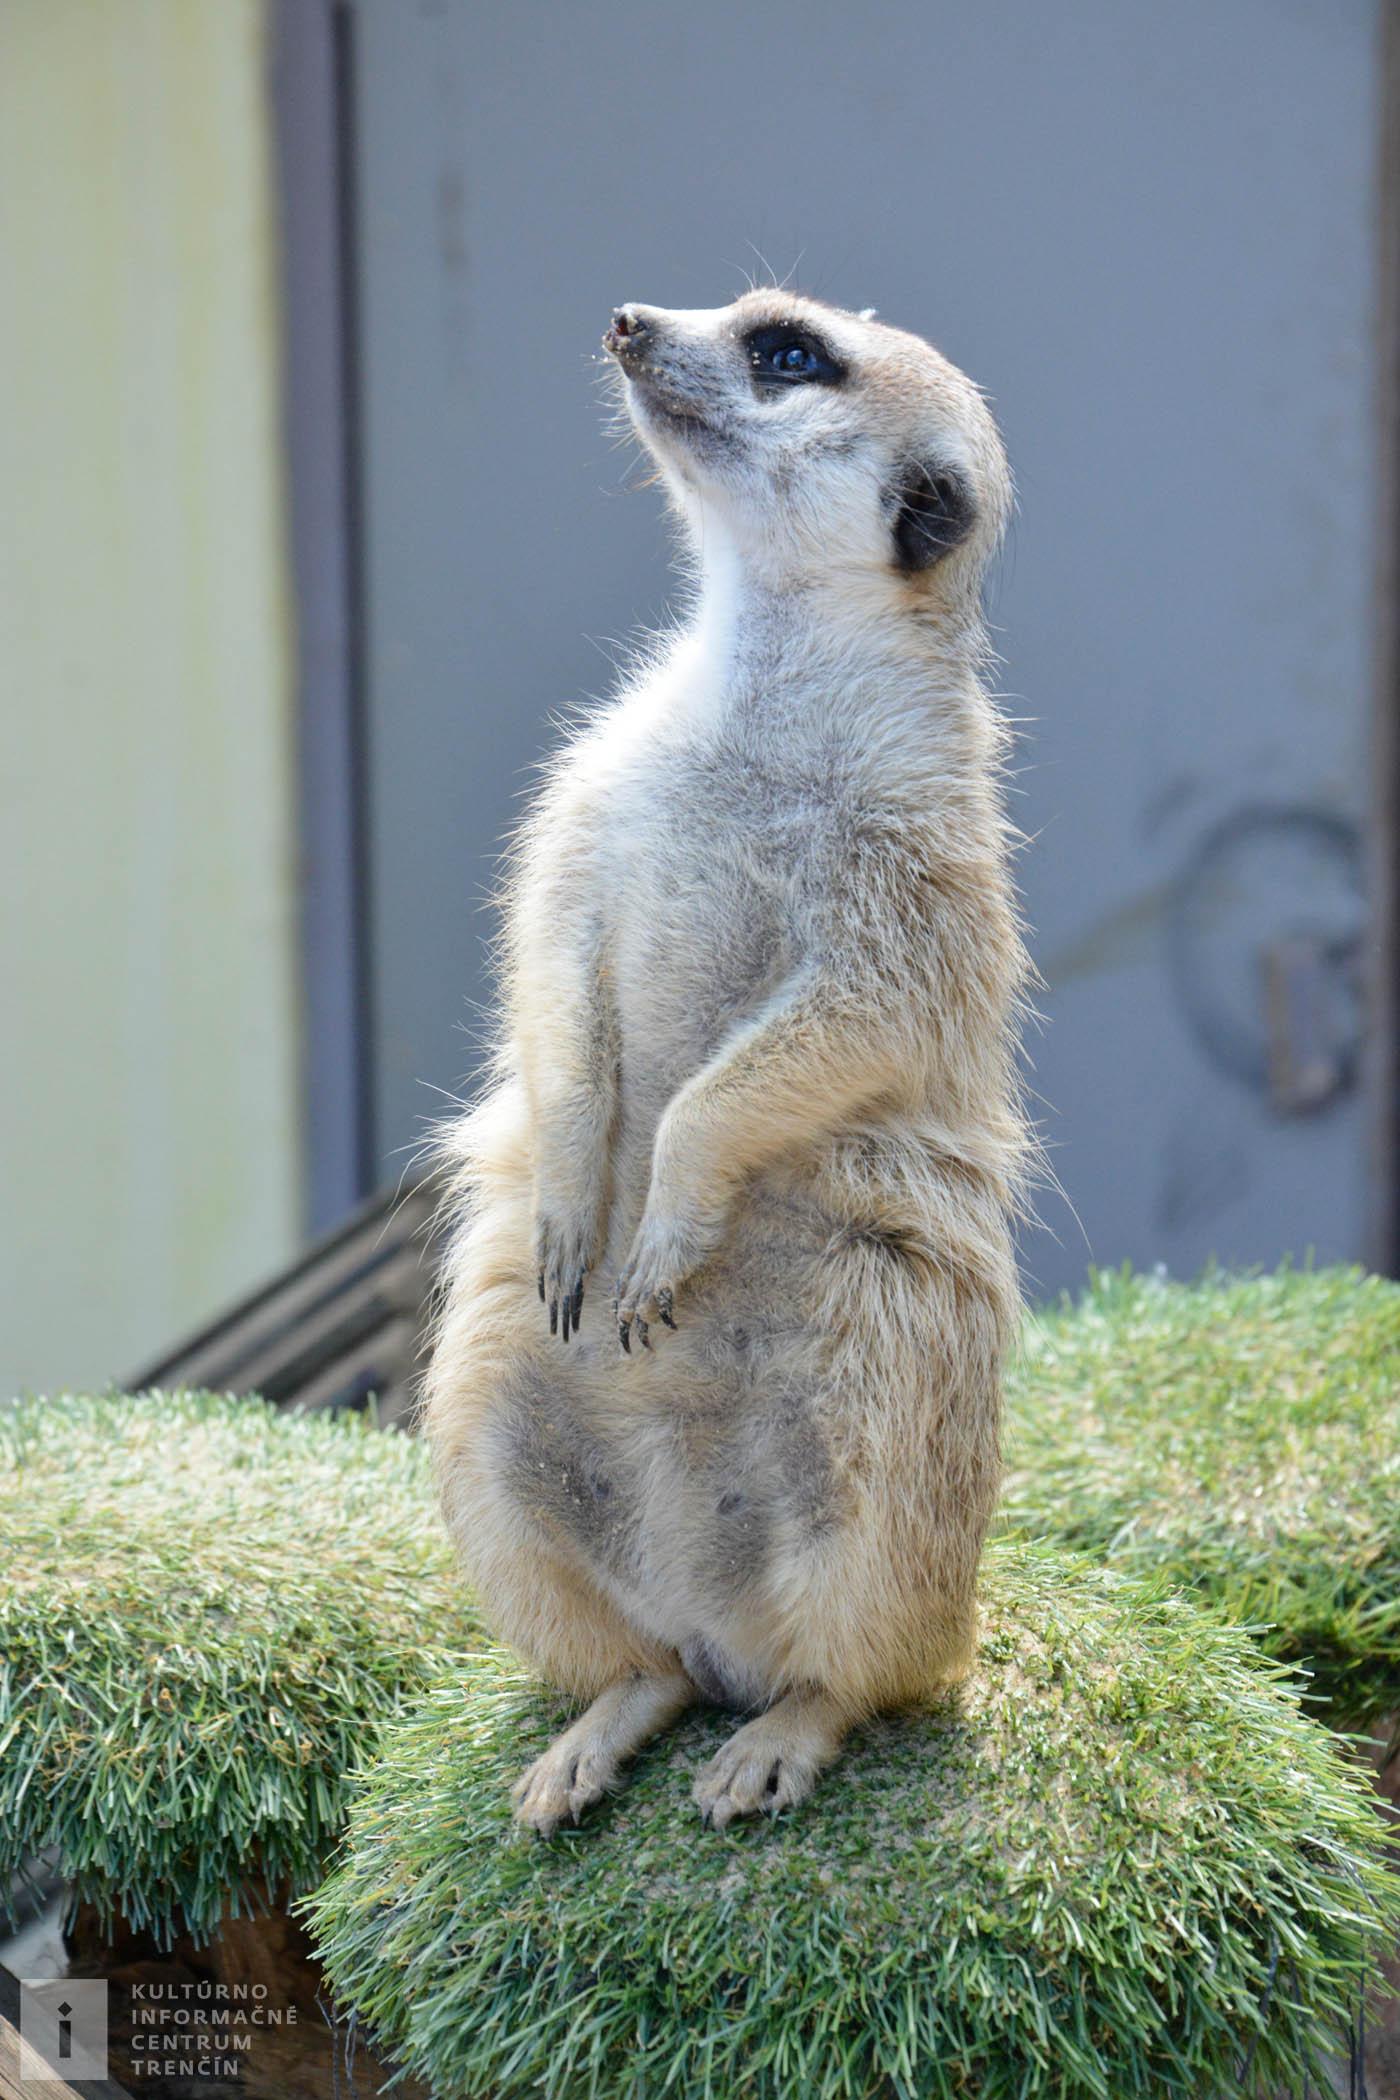 Surikata dosahuje dĺžku tela 25 - 35 cm a hmotnosť 700 g a pochádza z južnej Afriky.